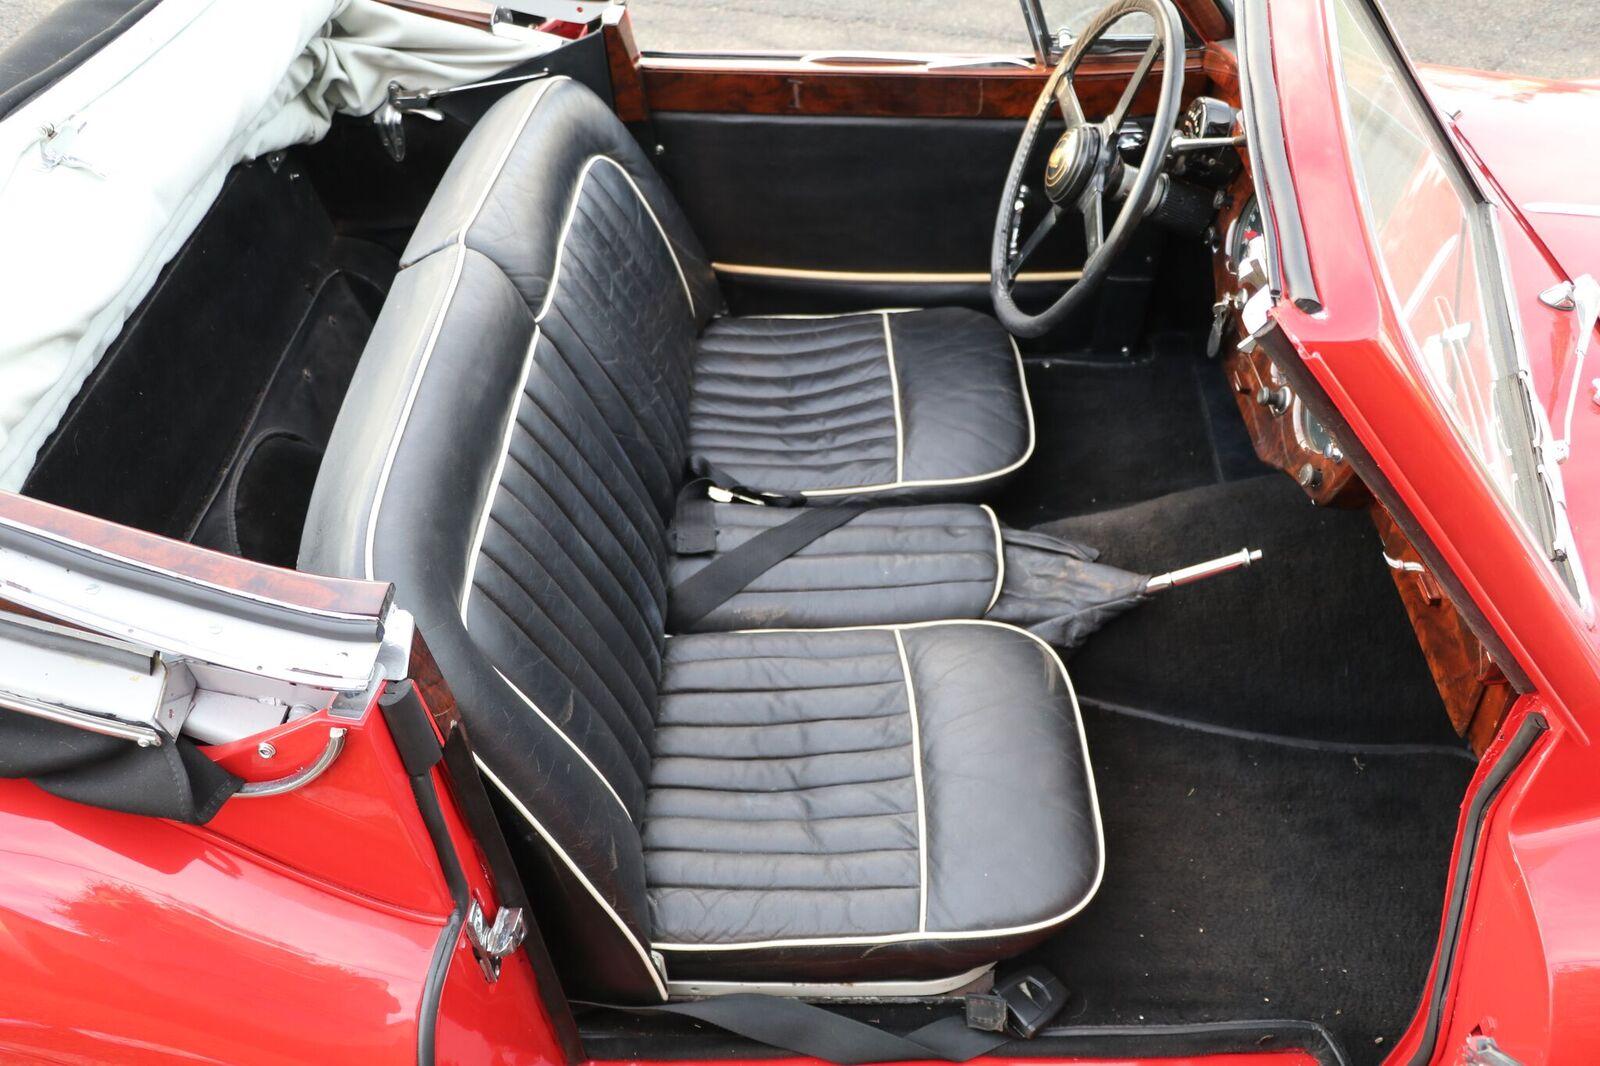 # 22164 1957 Jaguar XK150 Red (28)_preview (1)